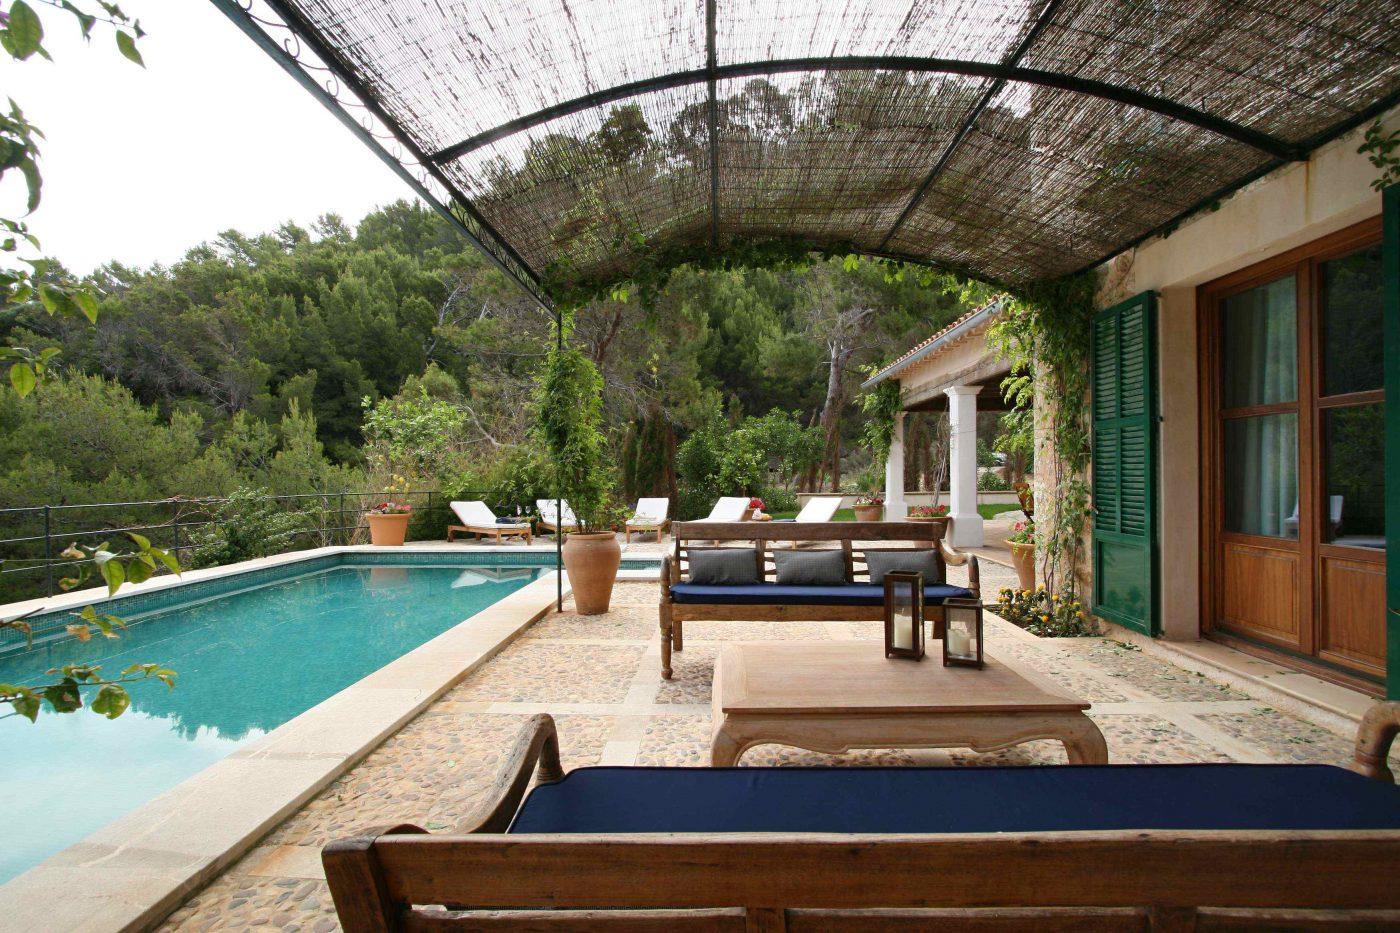 Deia Beach House A Stunning Luxury Villa In Mallorca Spain